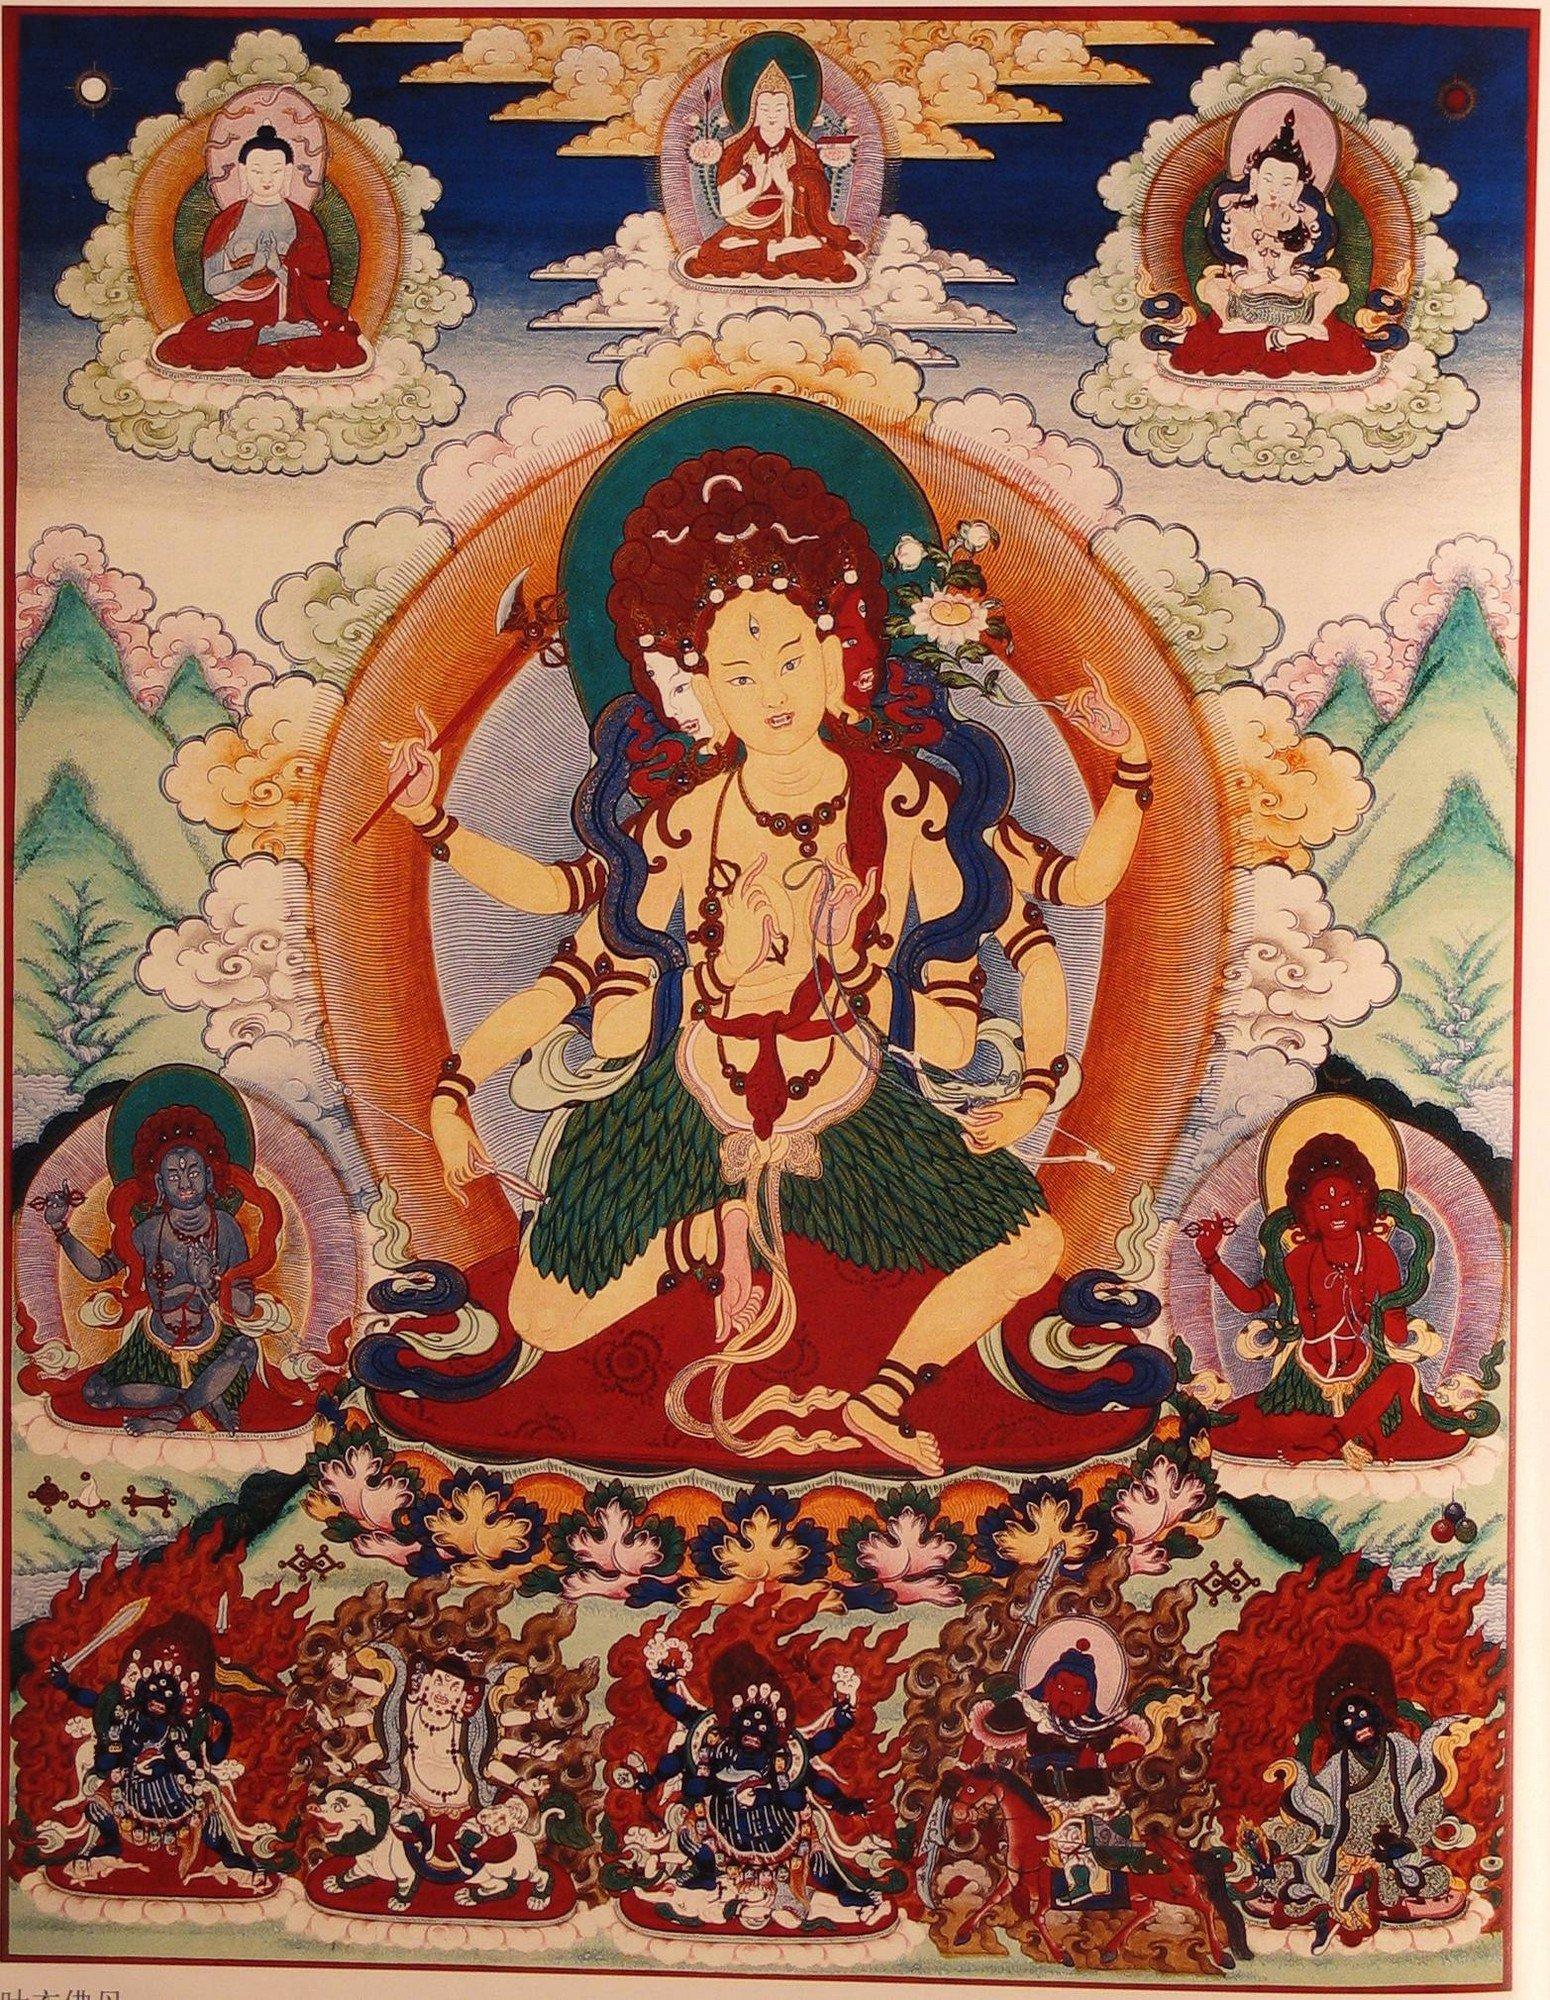 Parnashavari with Mahakala Thangka Painting